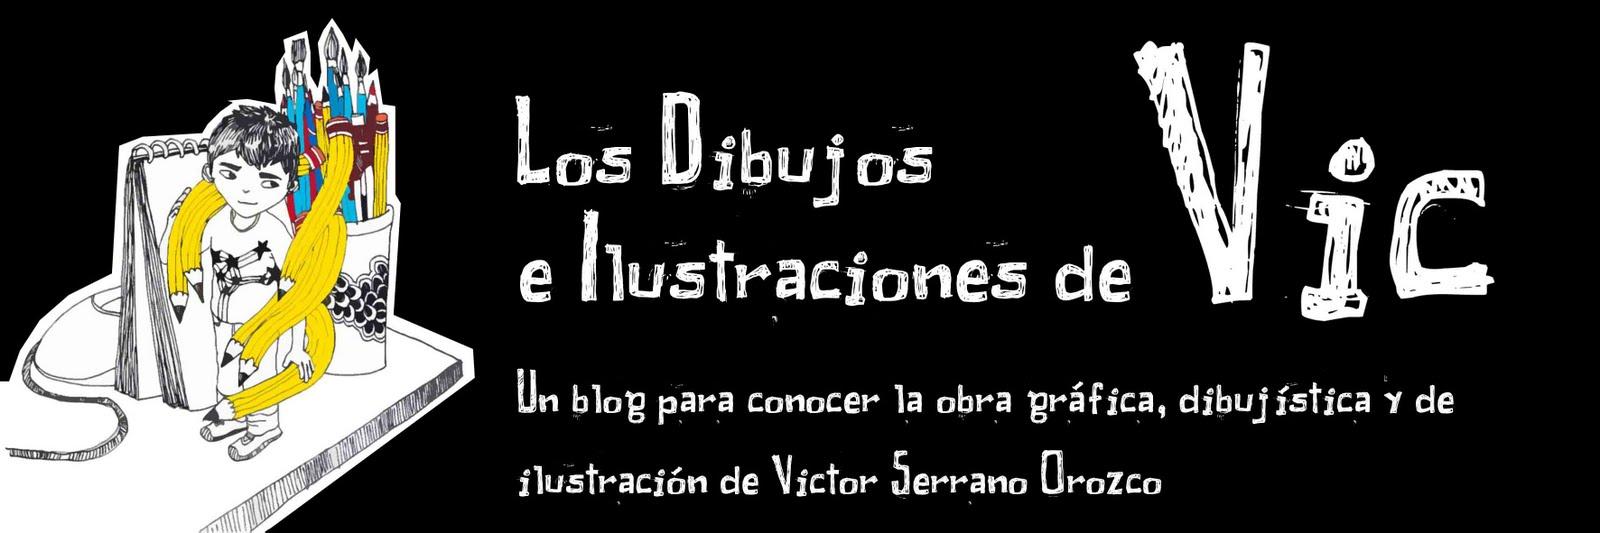 LOS DIBUJOS E ILUSTRACIONES DE VIC